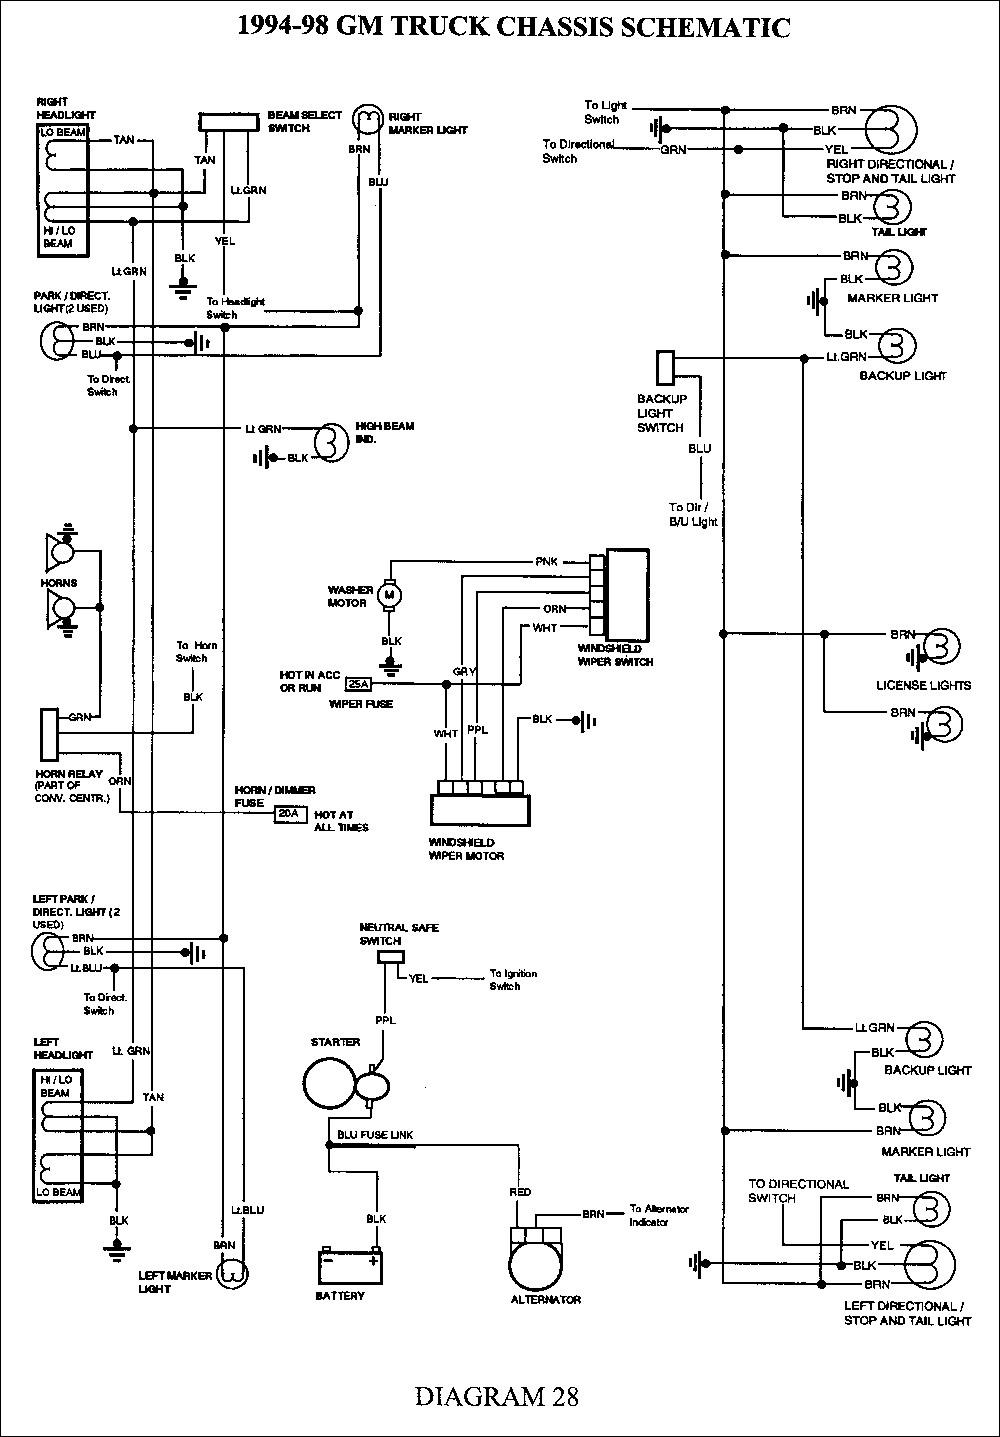 Isolation Module Wiring Diagram   Best Wiring Library - Fisher 4 Port Isolation Module Wiring Diagram